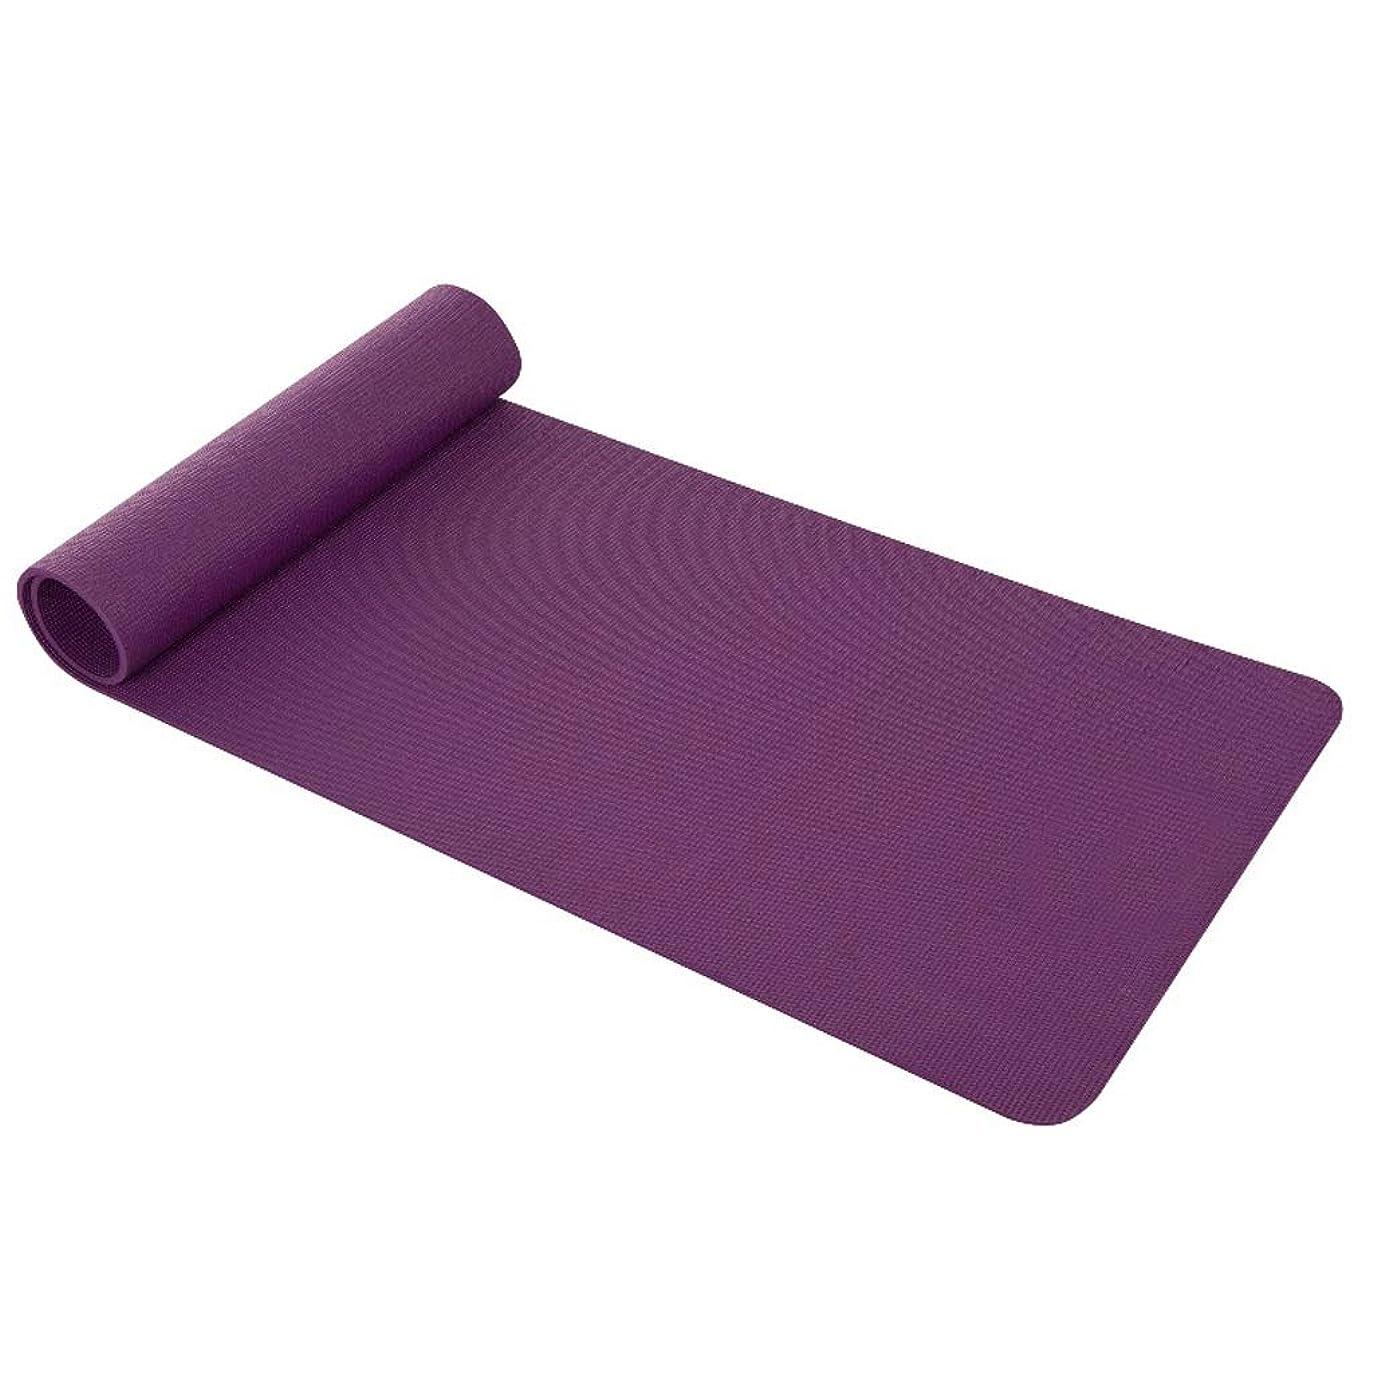 回復窒素大使館ヨガマット初心者フィットネスマット滑り止め肥厚幅広女性無味ホームマット QYSZYG (Color : Purple)